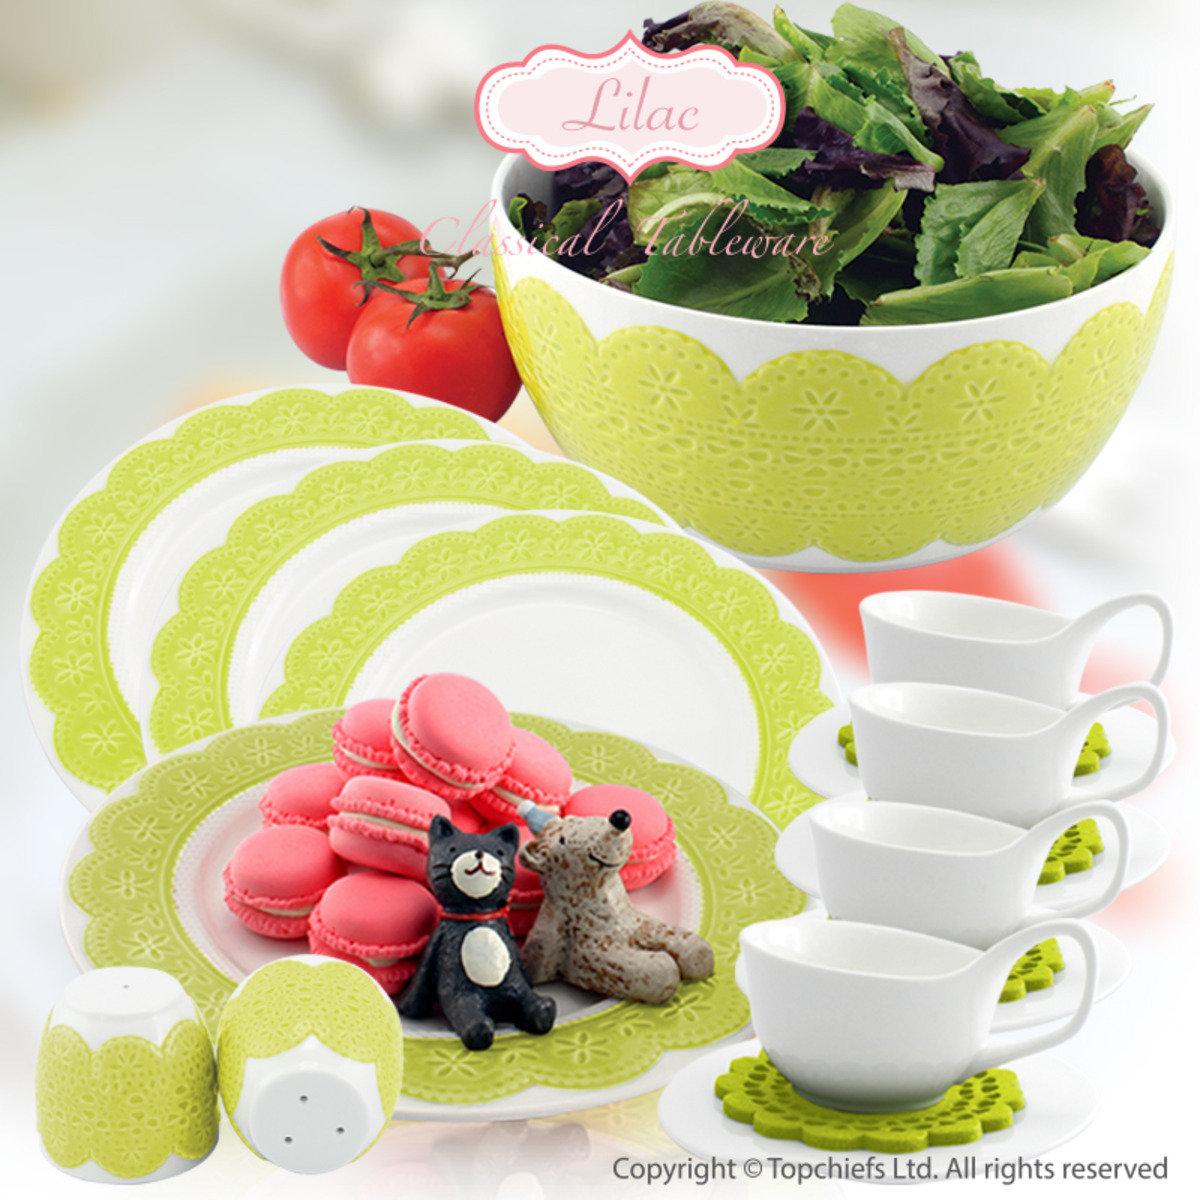 綠色立體蕾絲餐碟x4 +白色茶杯套裝配絨毛杯墊x4 +綠色立體蕾絲碗20cm+ 綠色立體蕾絲調味樽